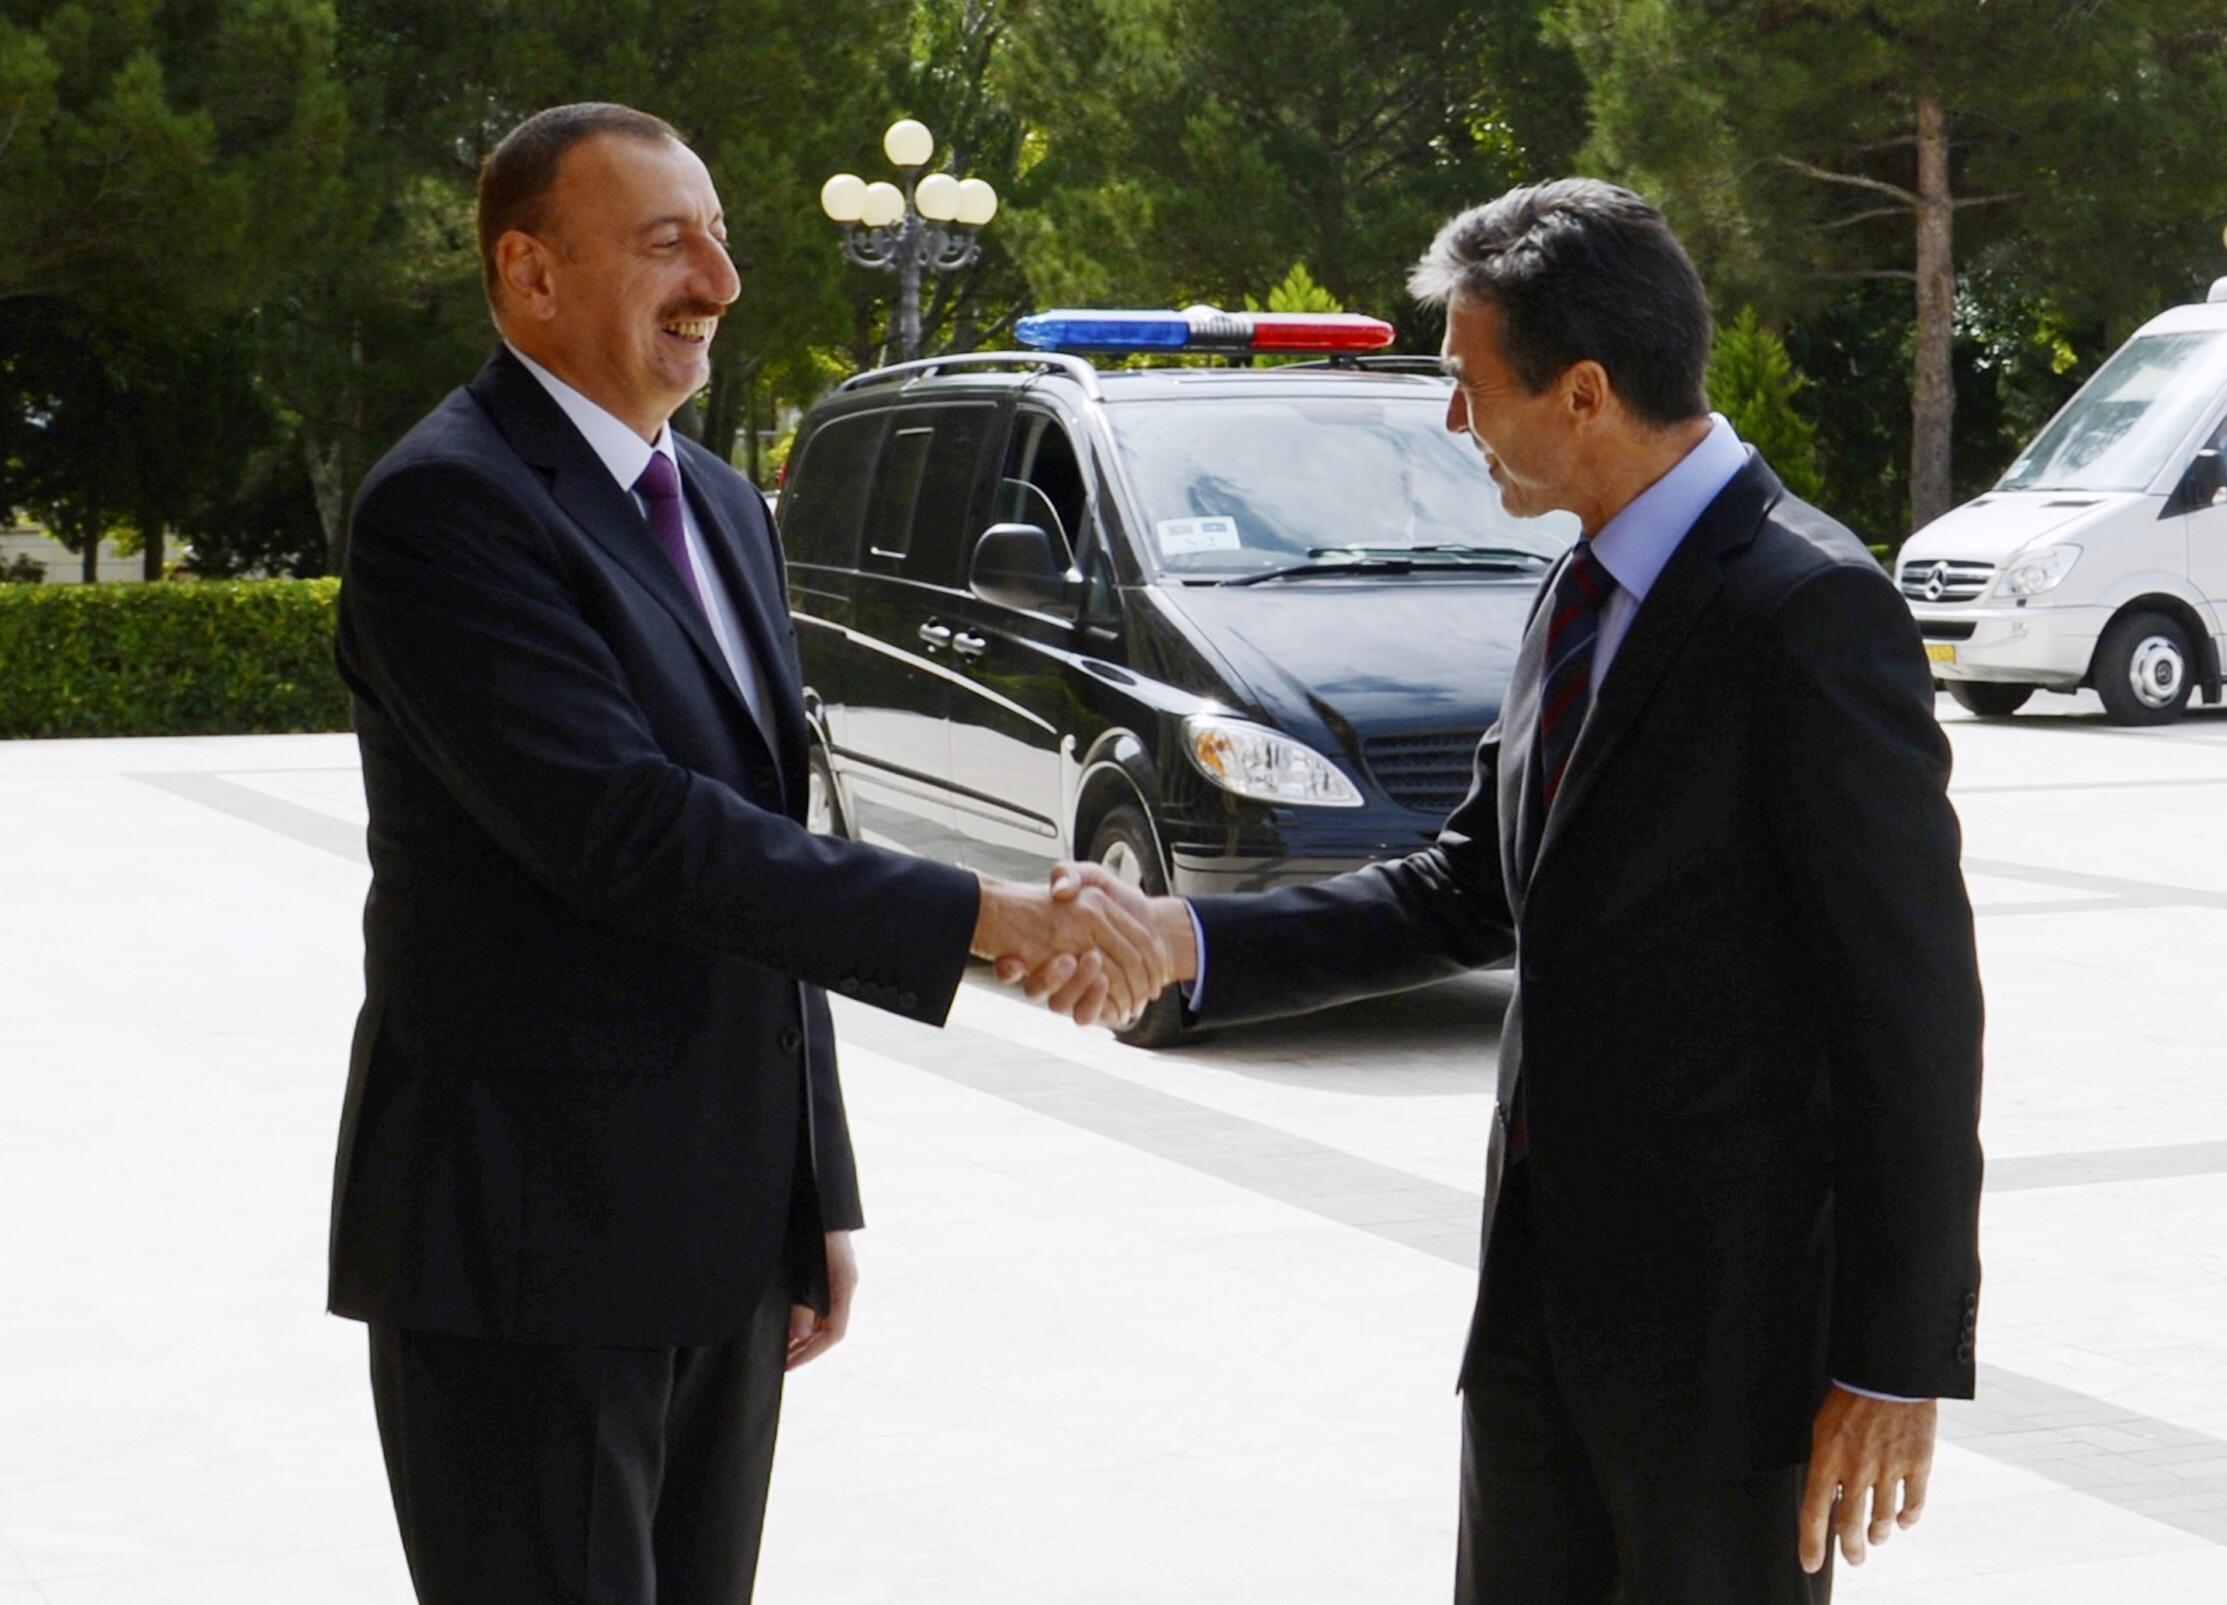 Президент Азейрбайджана Ильхам Алиев встречает генсека НАТО Андерса фог Расмуссена в Баку 07/09/2012